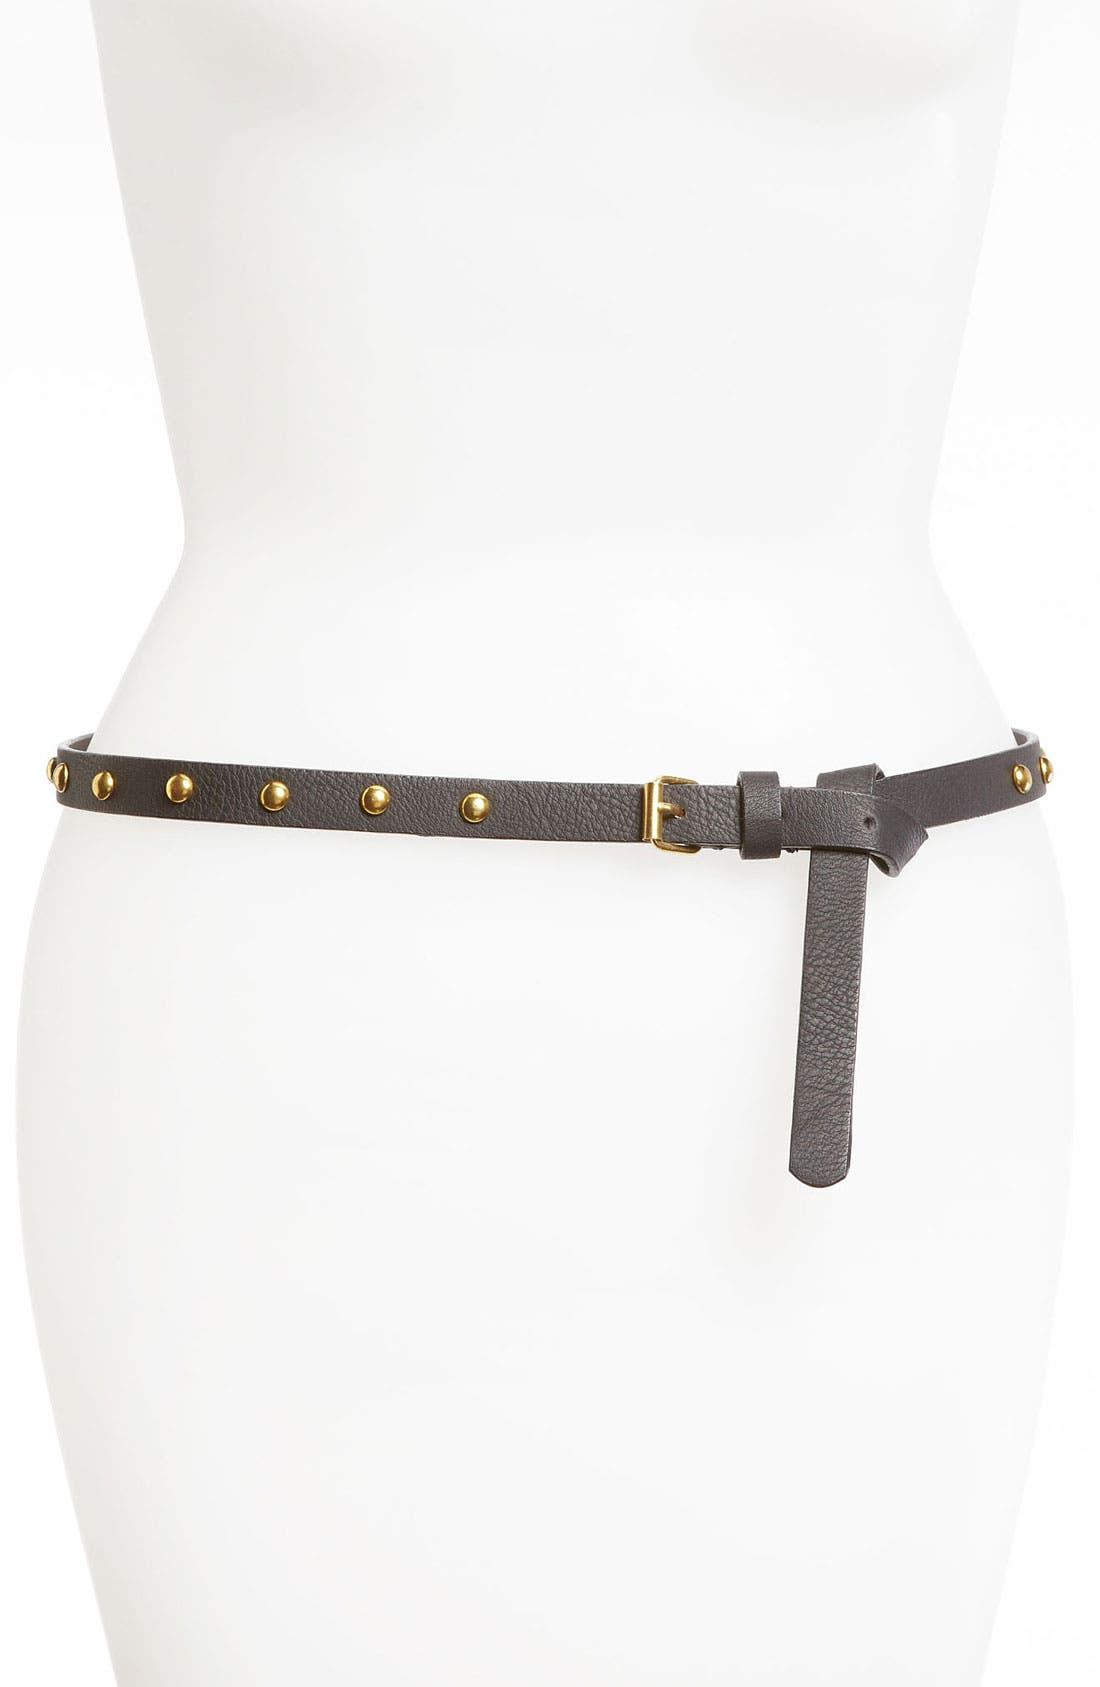 Alternate Image 1 Selected - Lulu Studded Skinny Belt